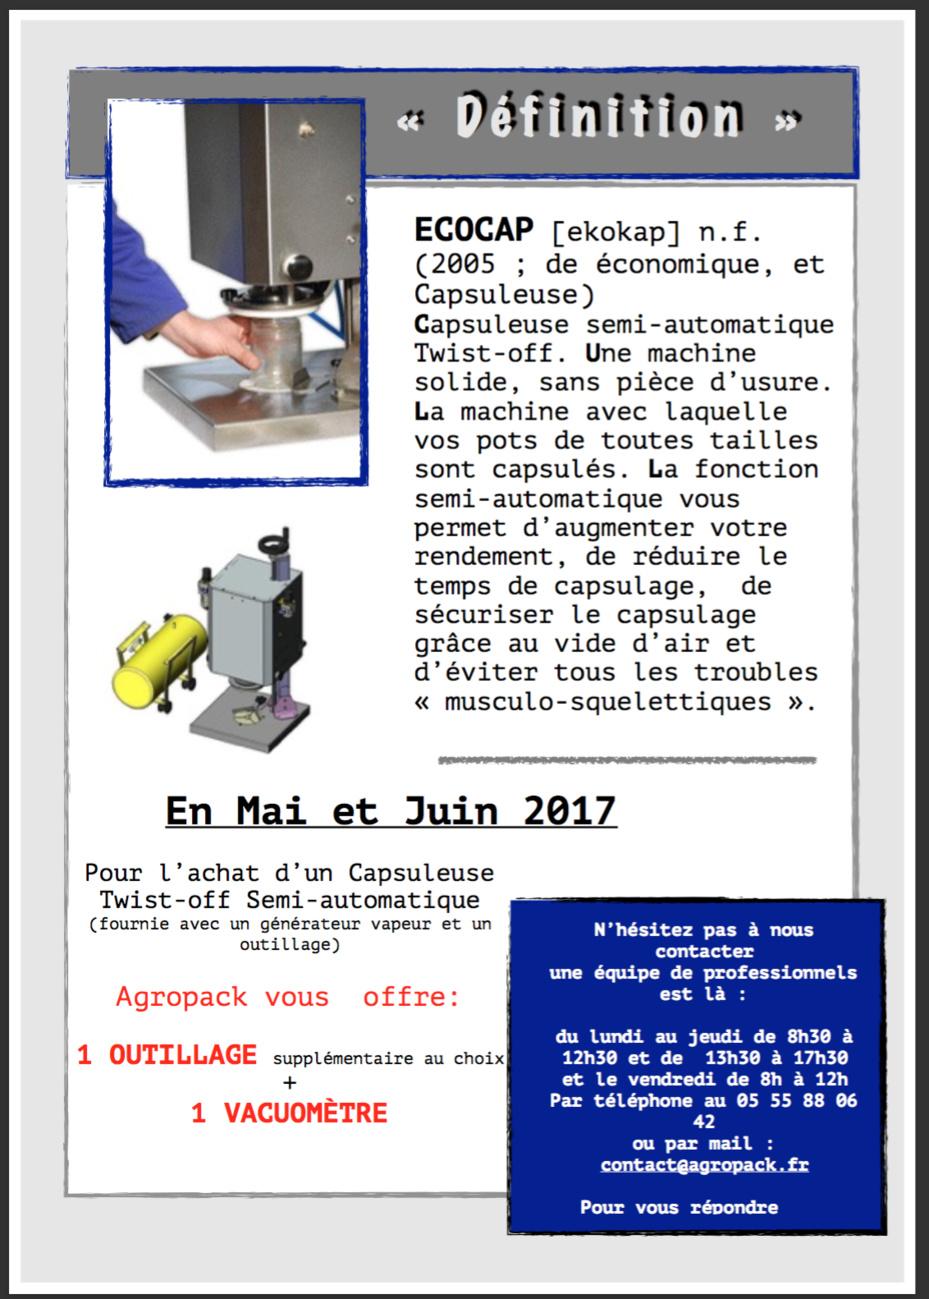 Newsletter Mai et Juin 2017